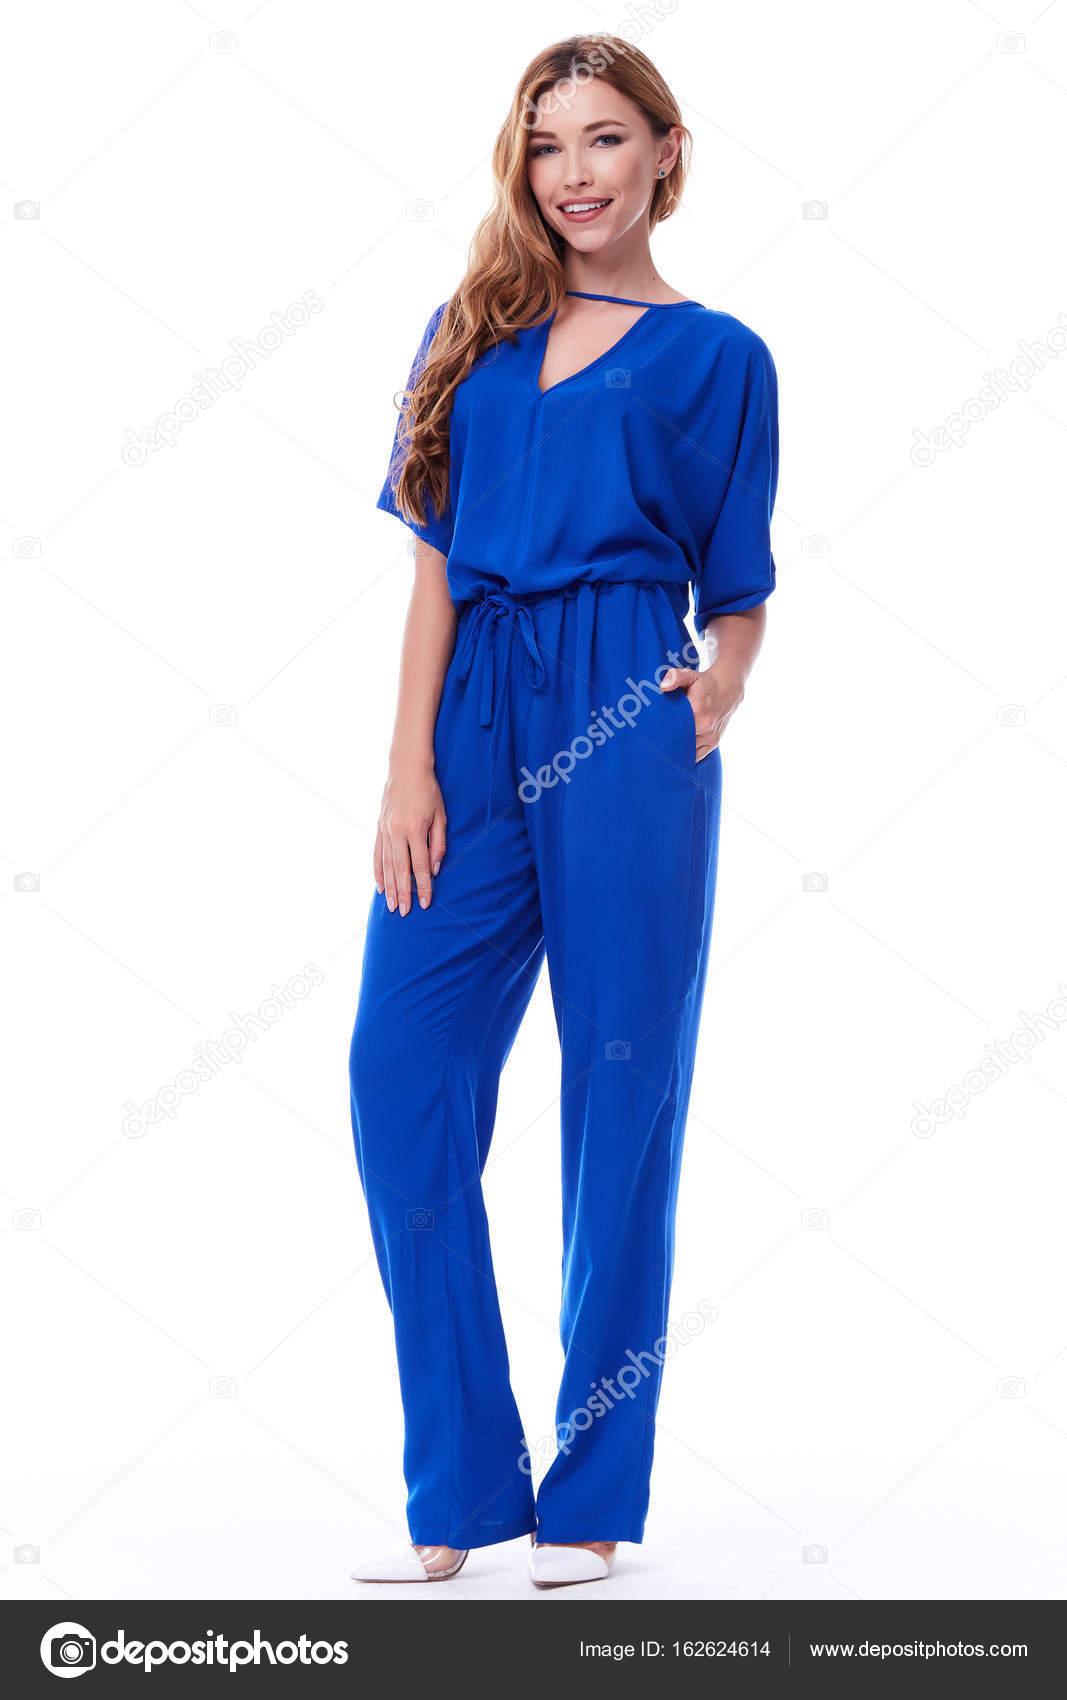 da7d24f28d Glamour divat stílus katalógus alkalmi ruhák-üzleti találkozó időpontja  járni fél szexi gyönyörű nő barna haj természetes alkotó kopás világos kék  selyem ...